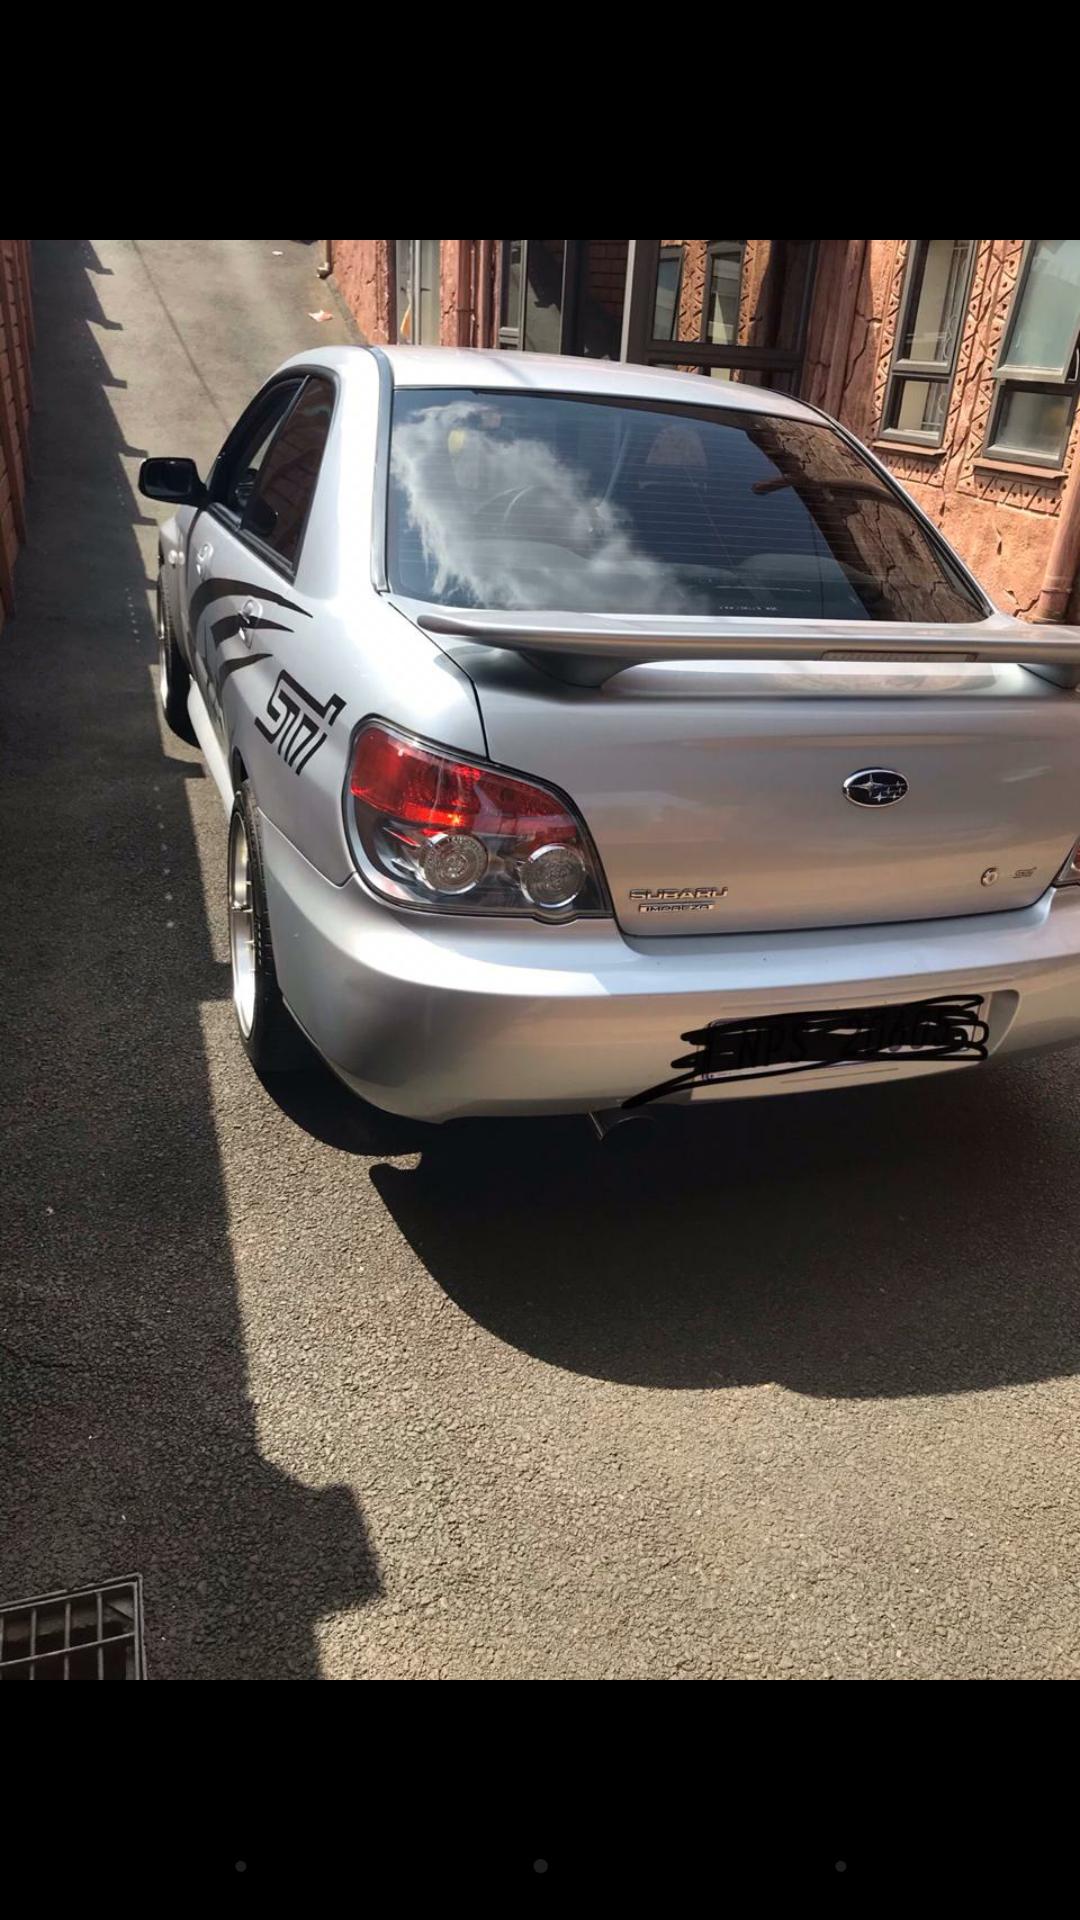 2006 Subaru Impreza 2.0 R sedan